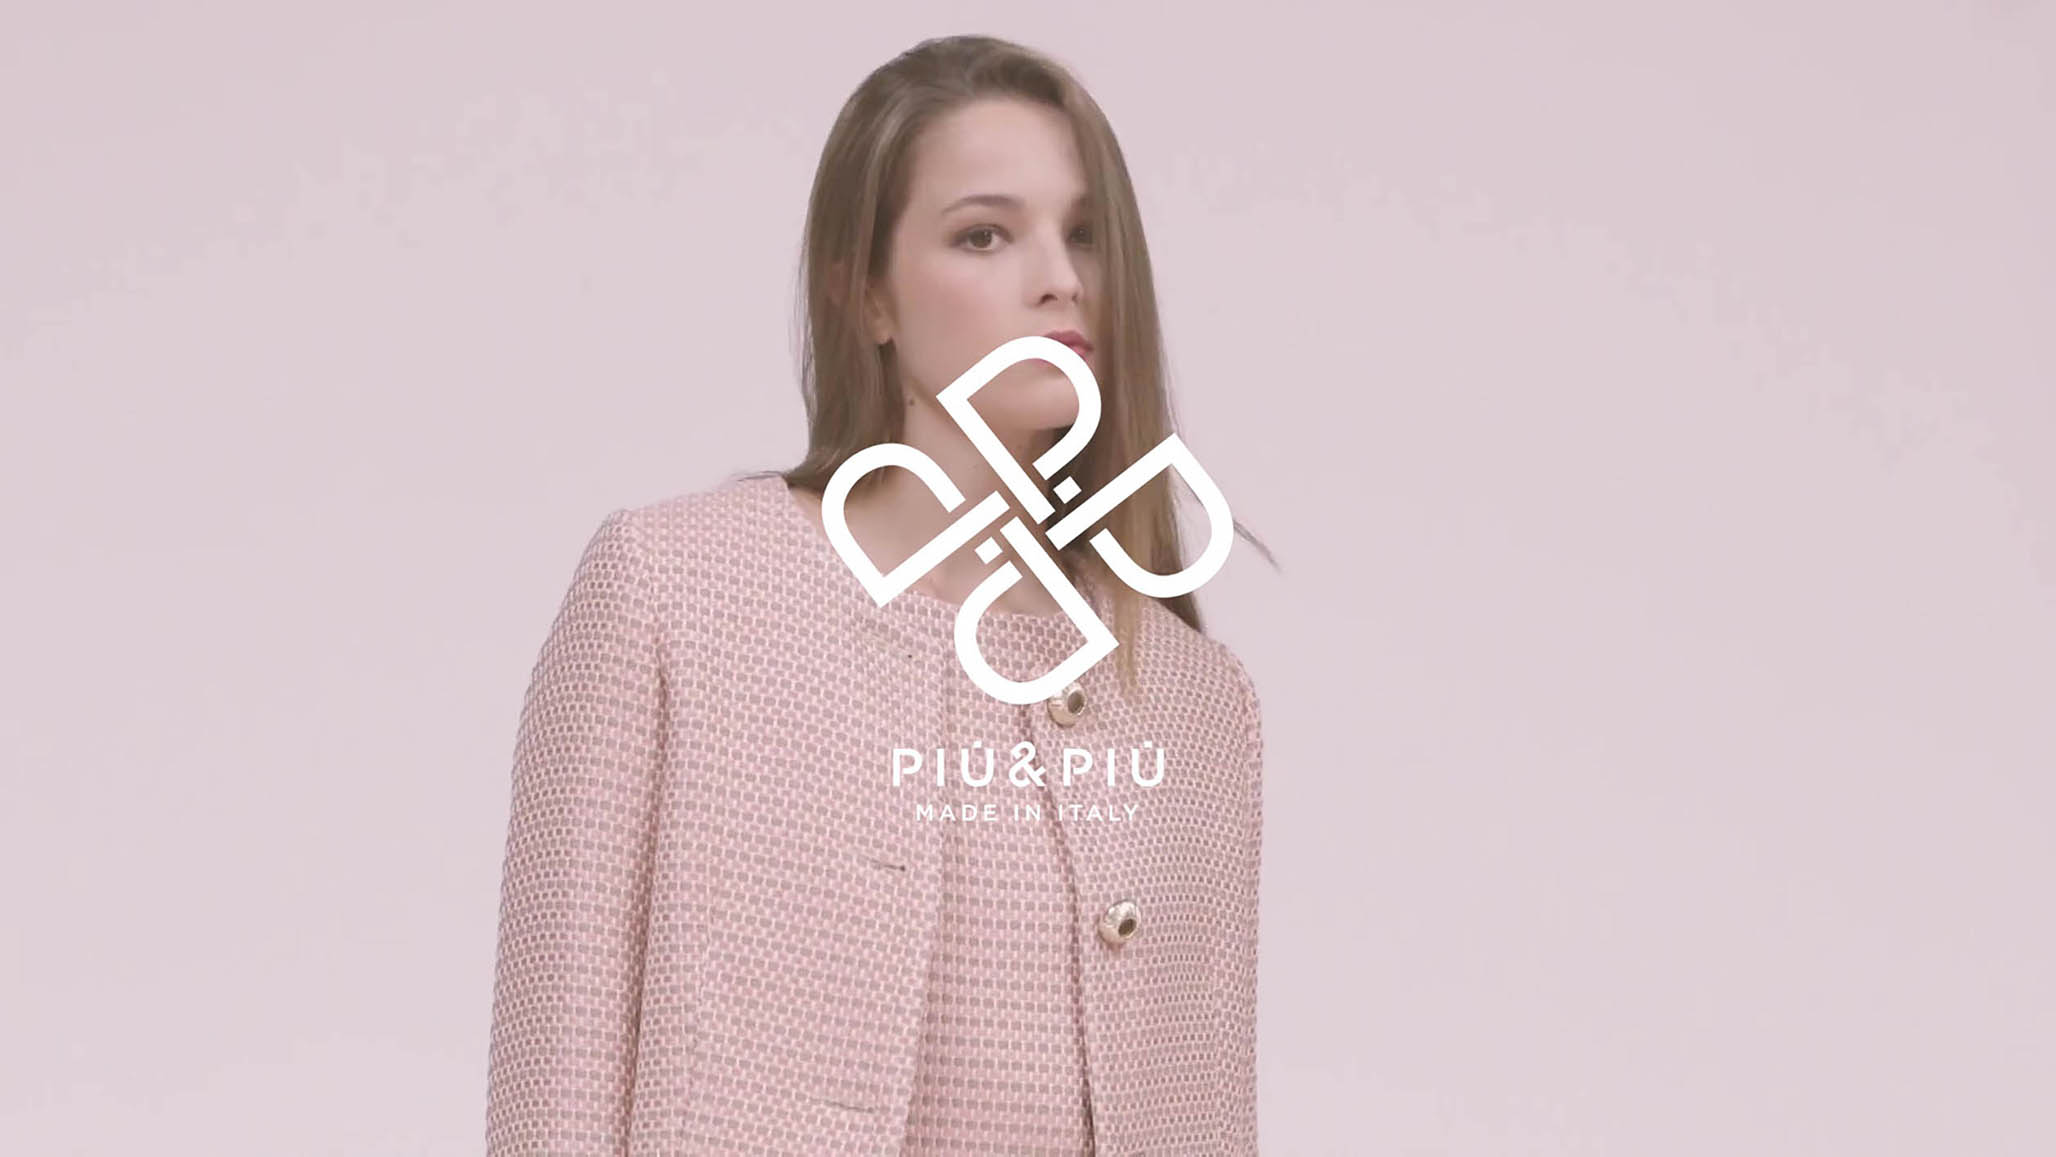 piupiu-video-banner-2056